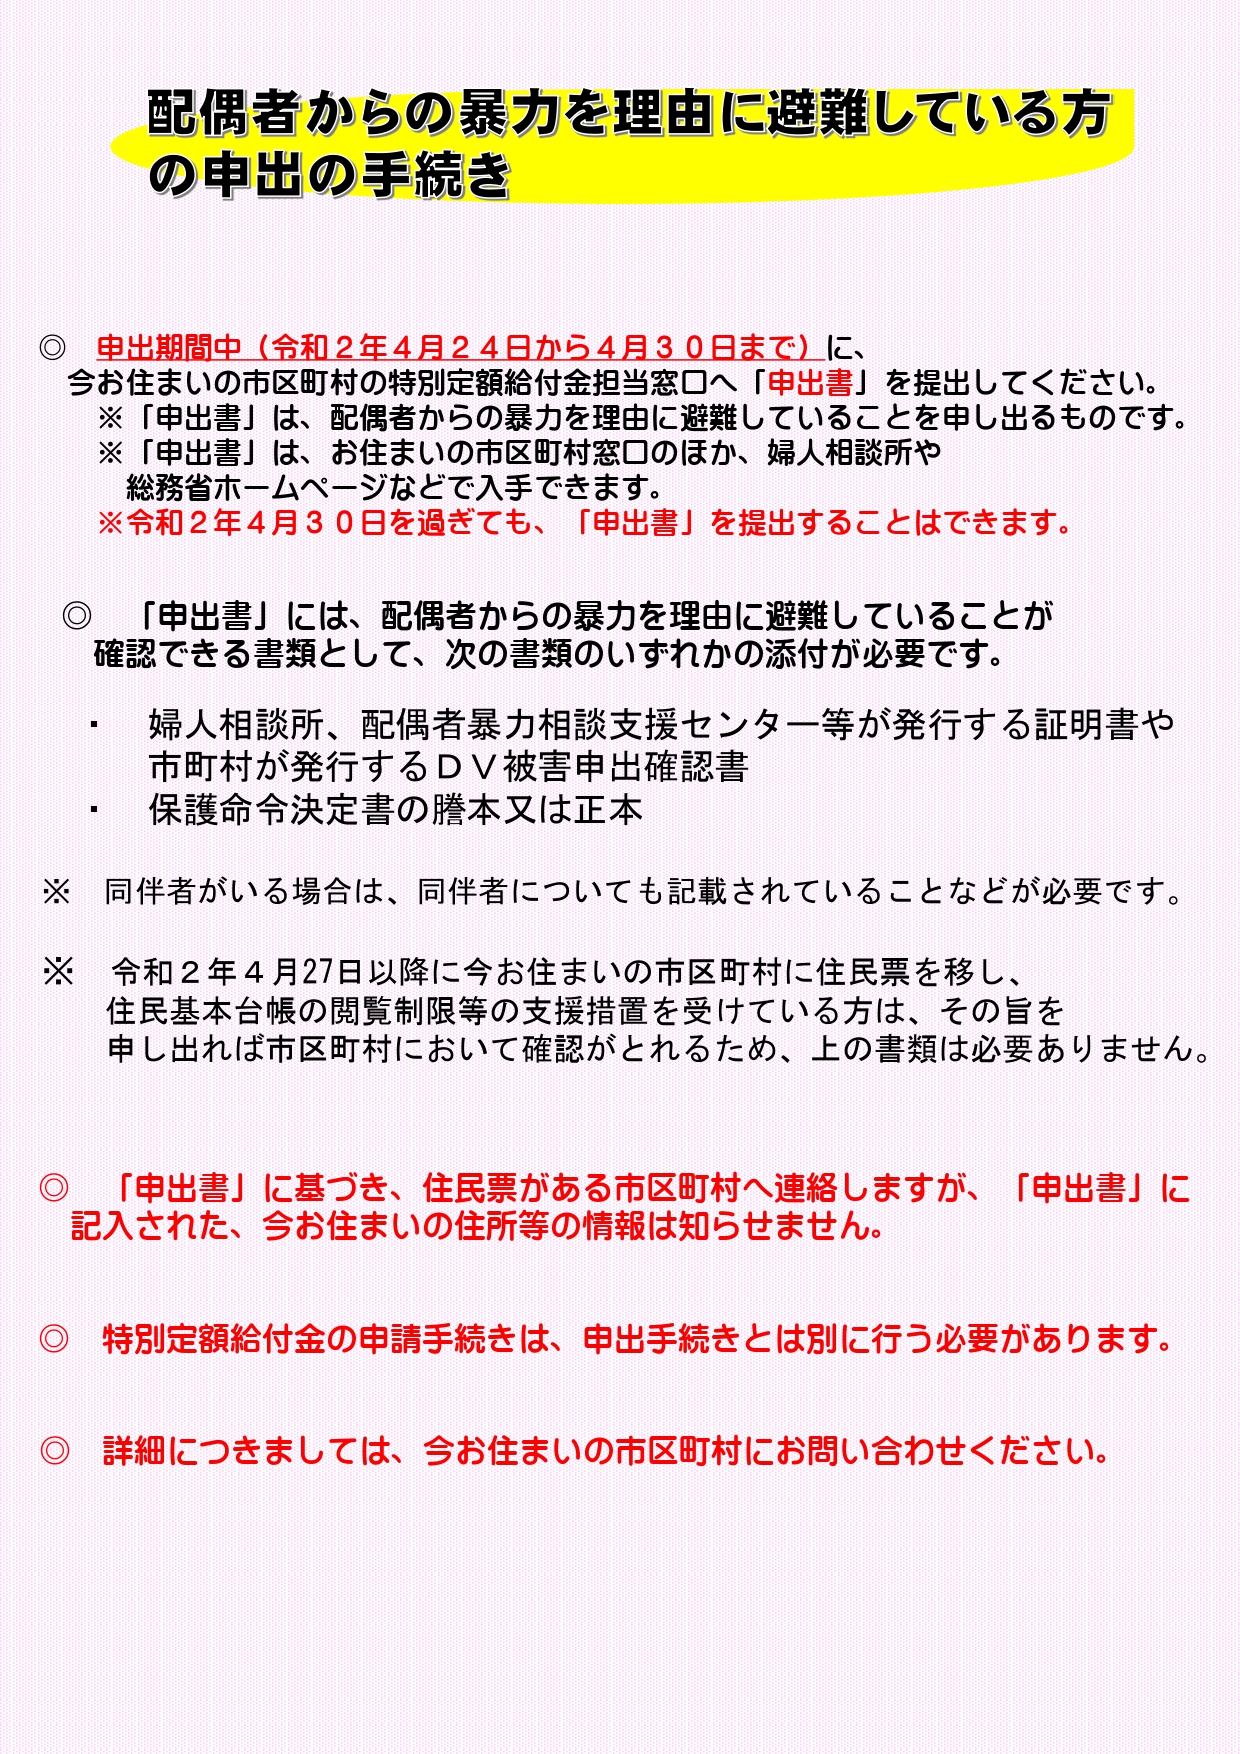 特別定額給付金に関するお知らせ(総務省作成)2/2枚目